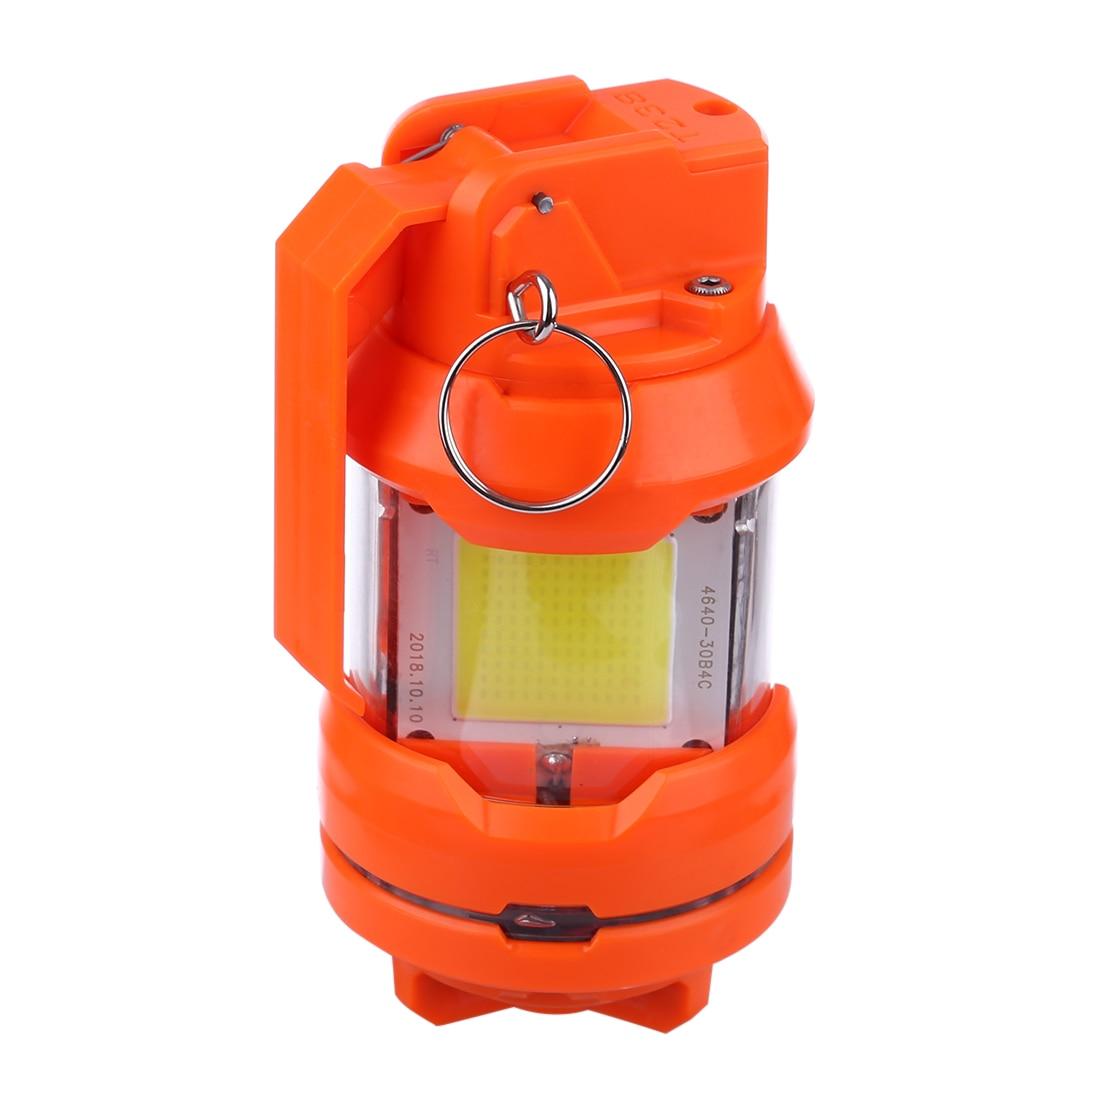 T238 LED fréquence lumineux Cool étourdissement bombe pour 11.1v batterie pour Nerf eau perles Blaster nuit combat-Orange